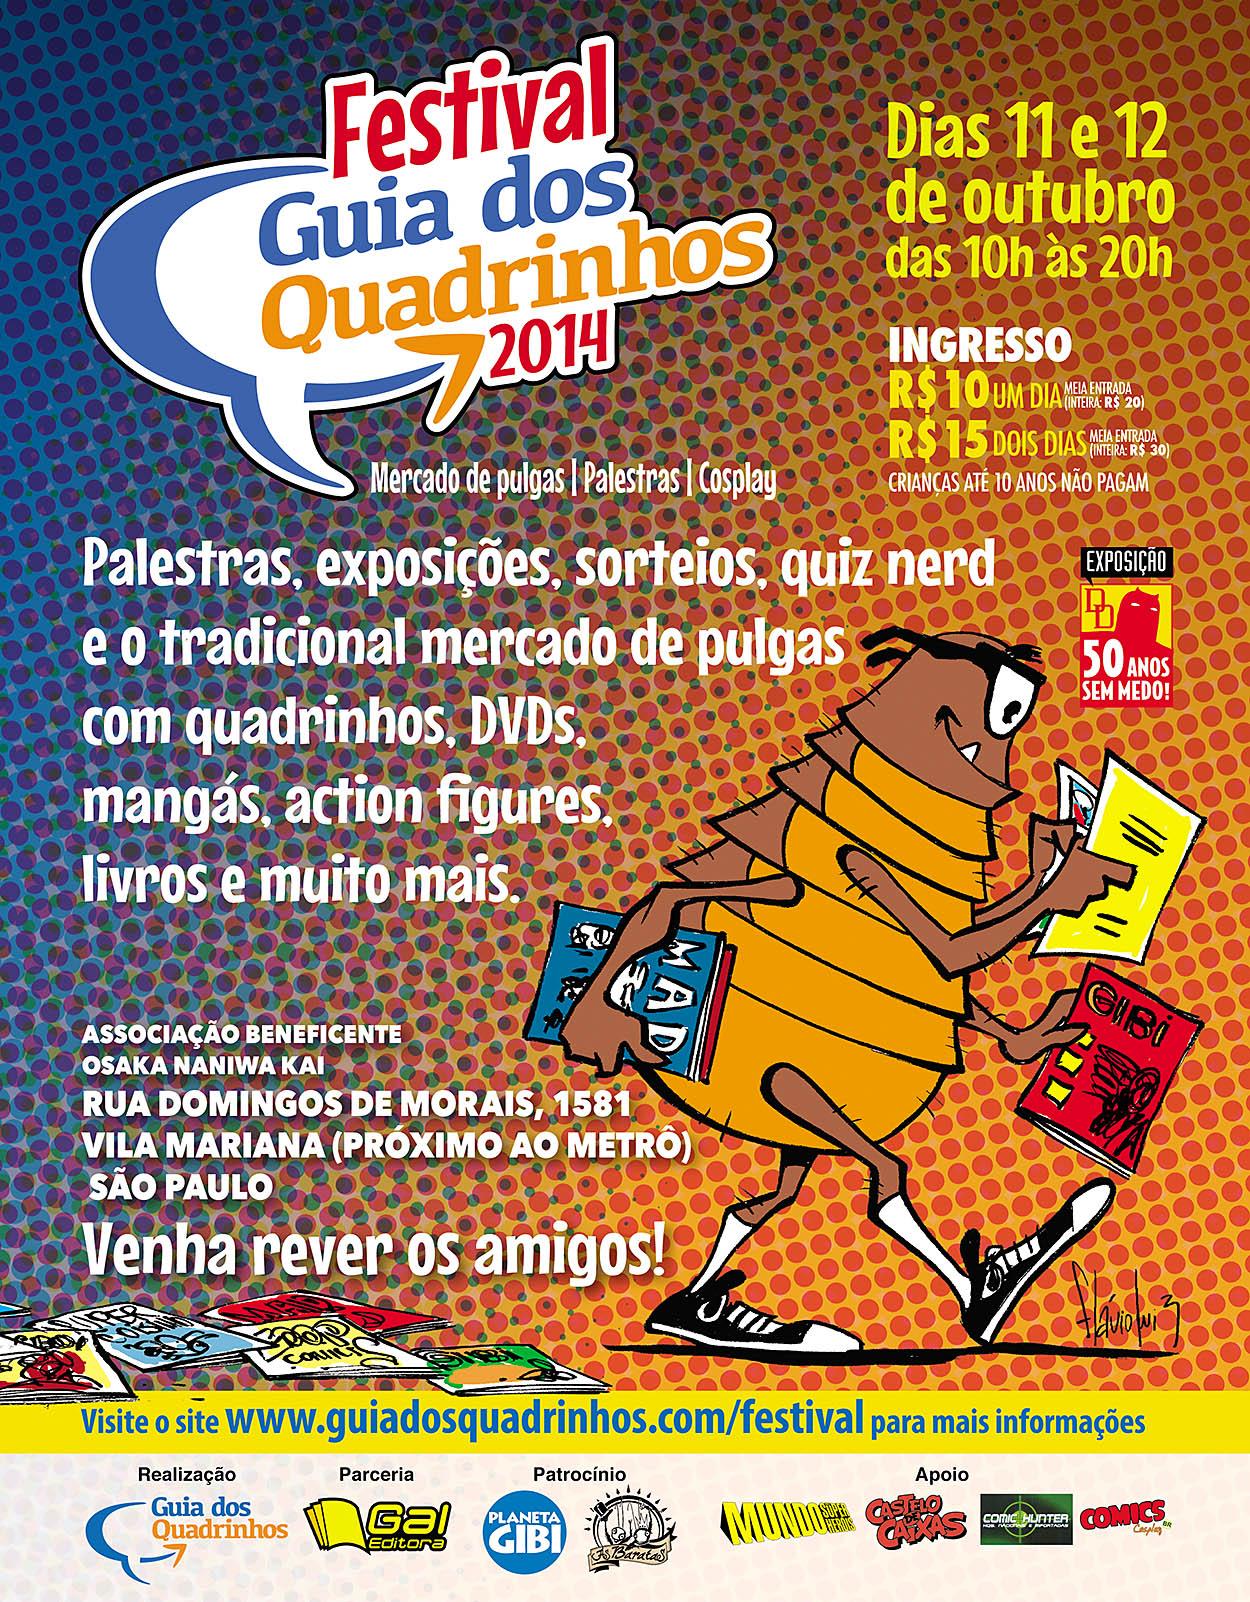 50bd43782a1 Aí Meu Bolso! Festival Guia dos Quadrinhos Acontece esse Fim de ...